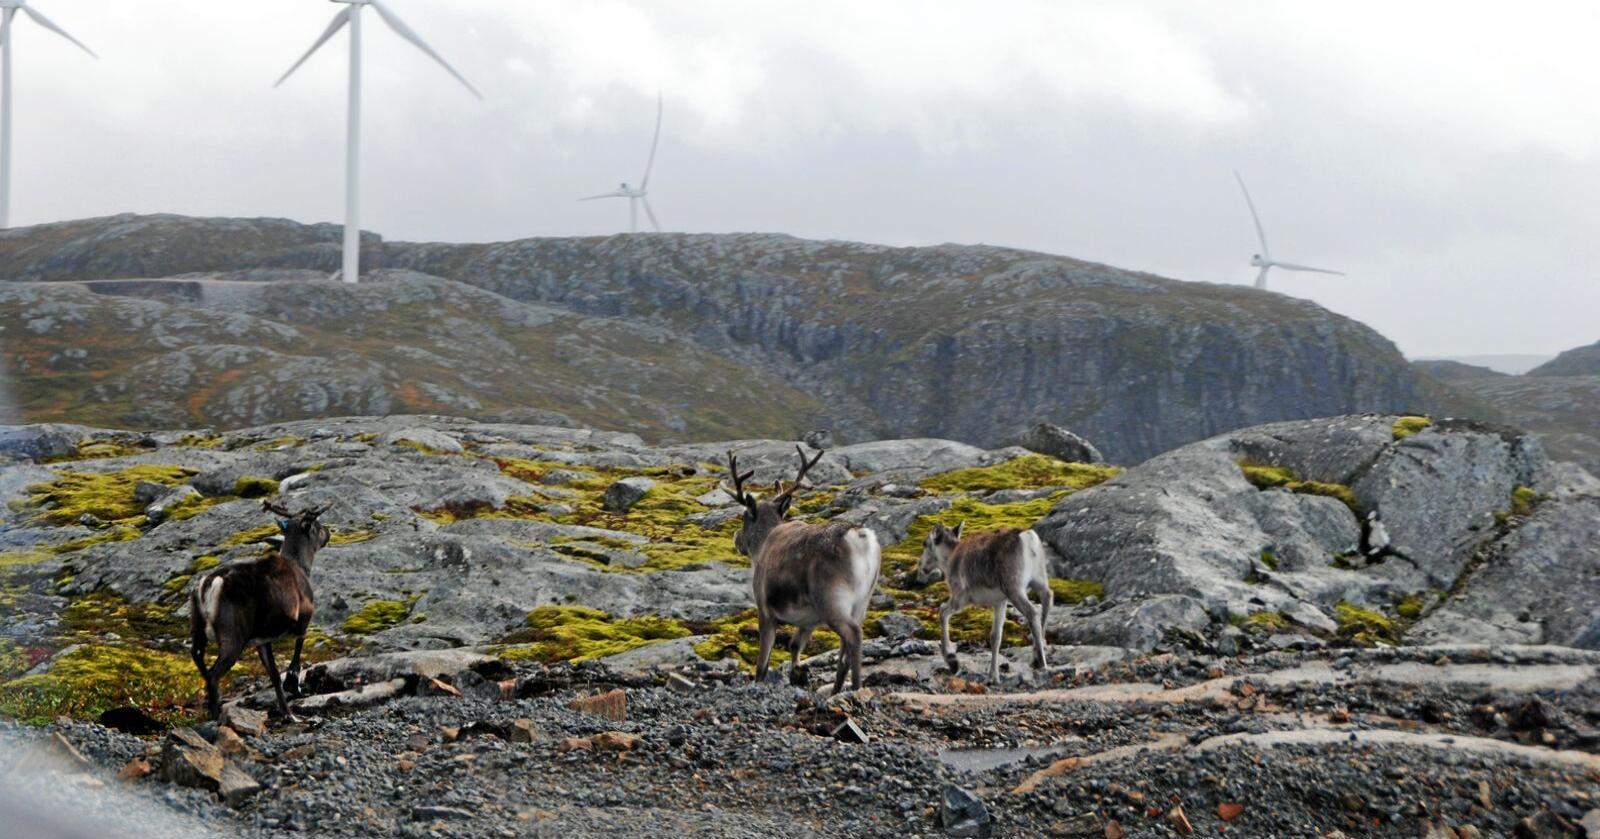 Vindkraftutbyggingen på Storheia på Fosen var i strid med urfolksrettigheter slår Høyesterett fast. Foto: Lars Bilit Hagen